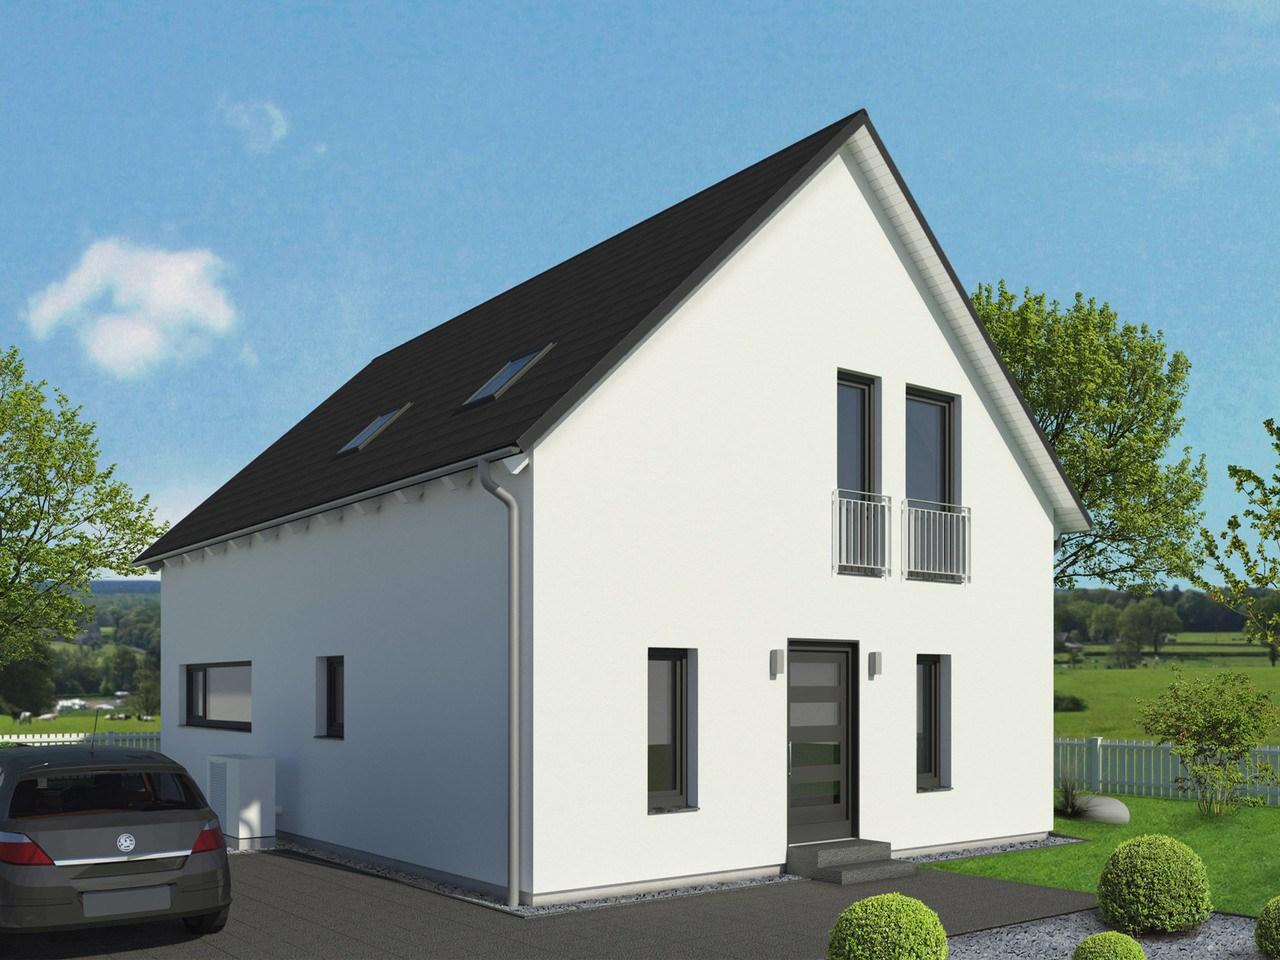 Einfamilienhaus Chausseestraße 132 - Ansicht 3